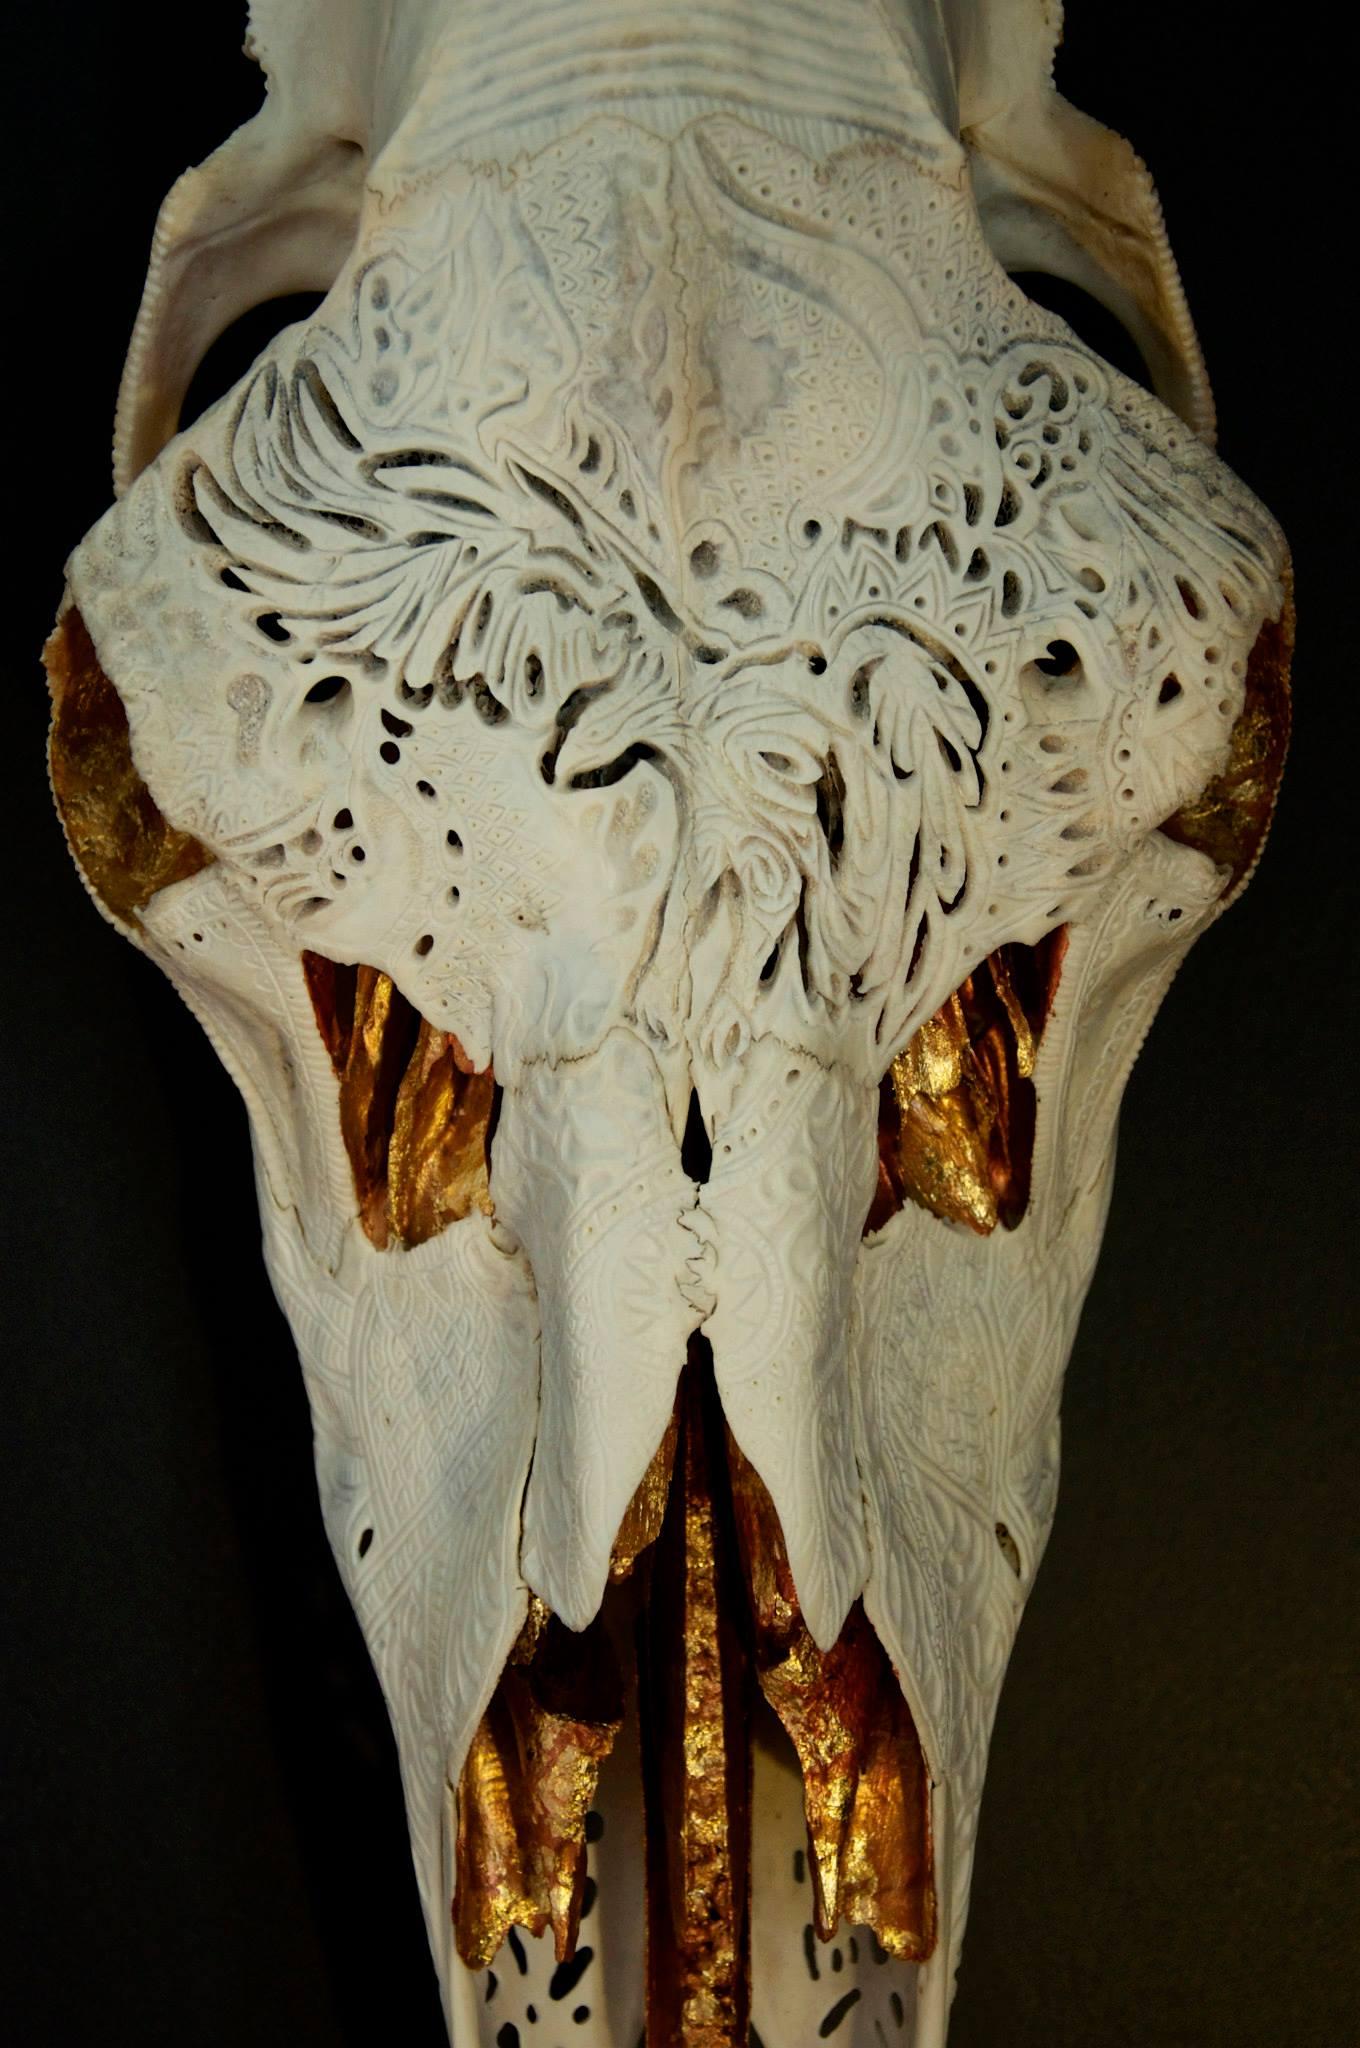 petra-shara-stoor-skull-art-duilith-3.jpg